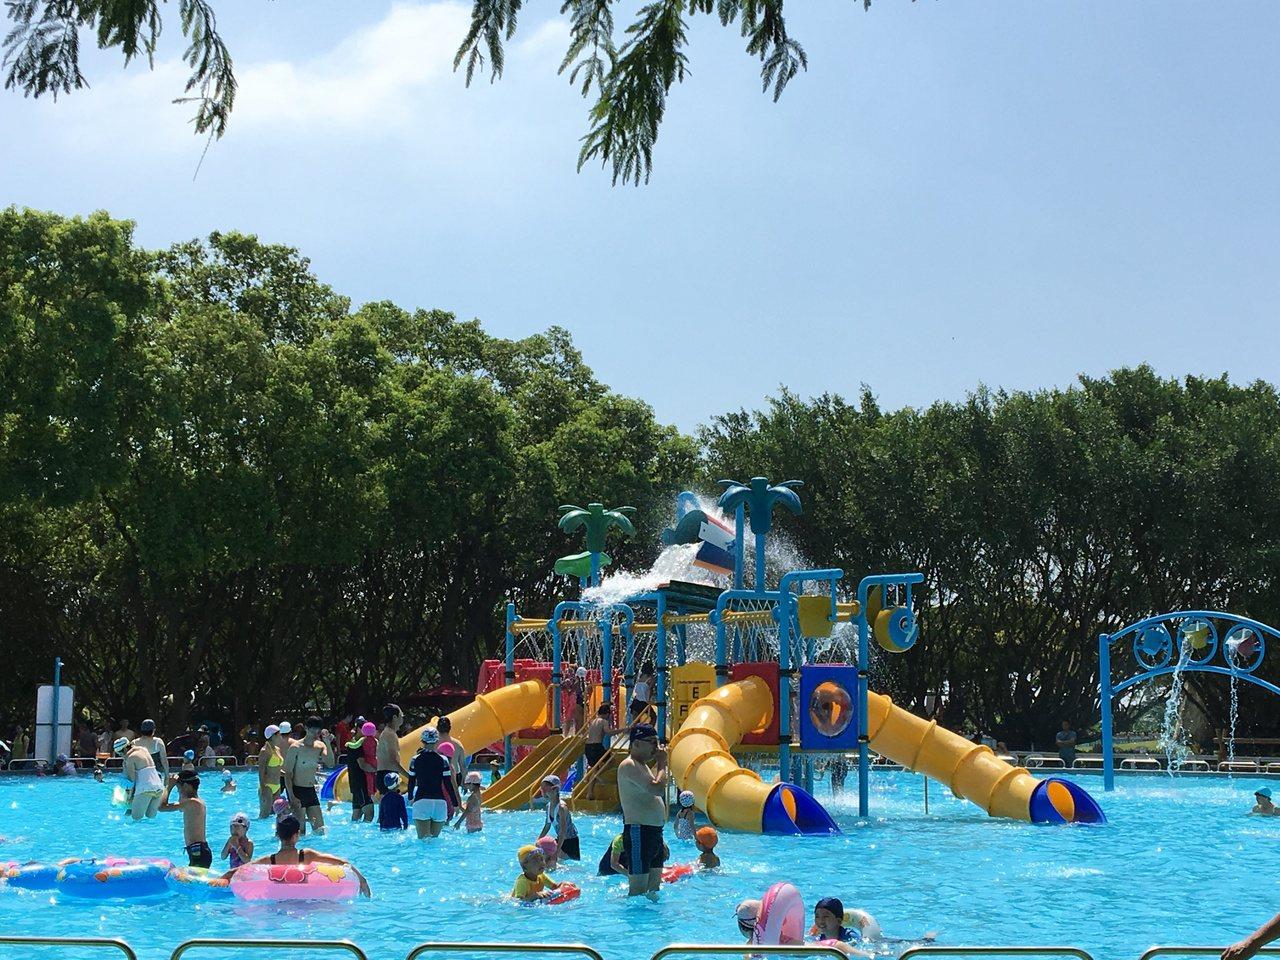 六大主題水池區讓民眾可以盡情享受瘋狂的水槍大戰